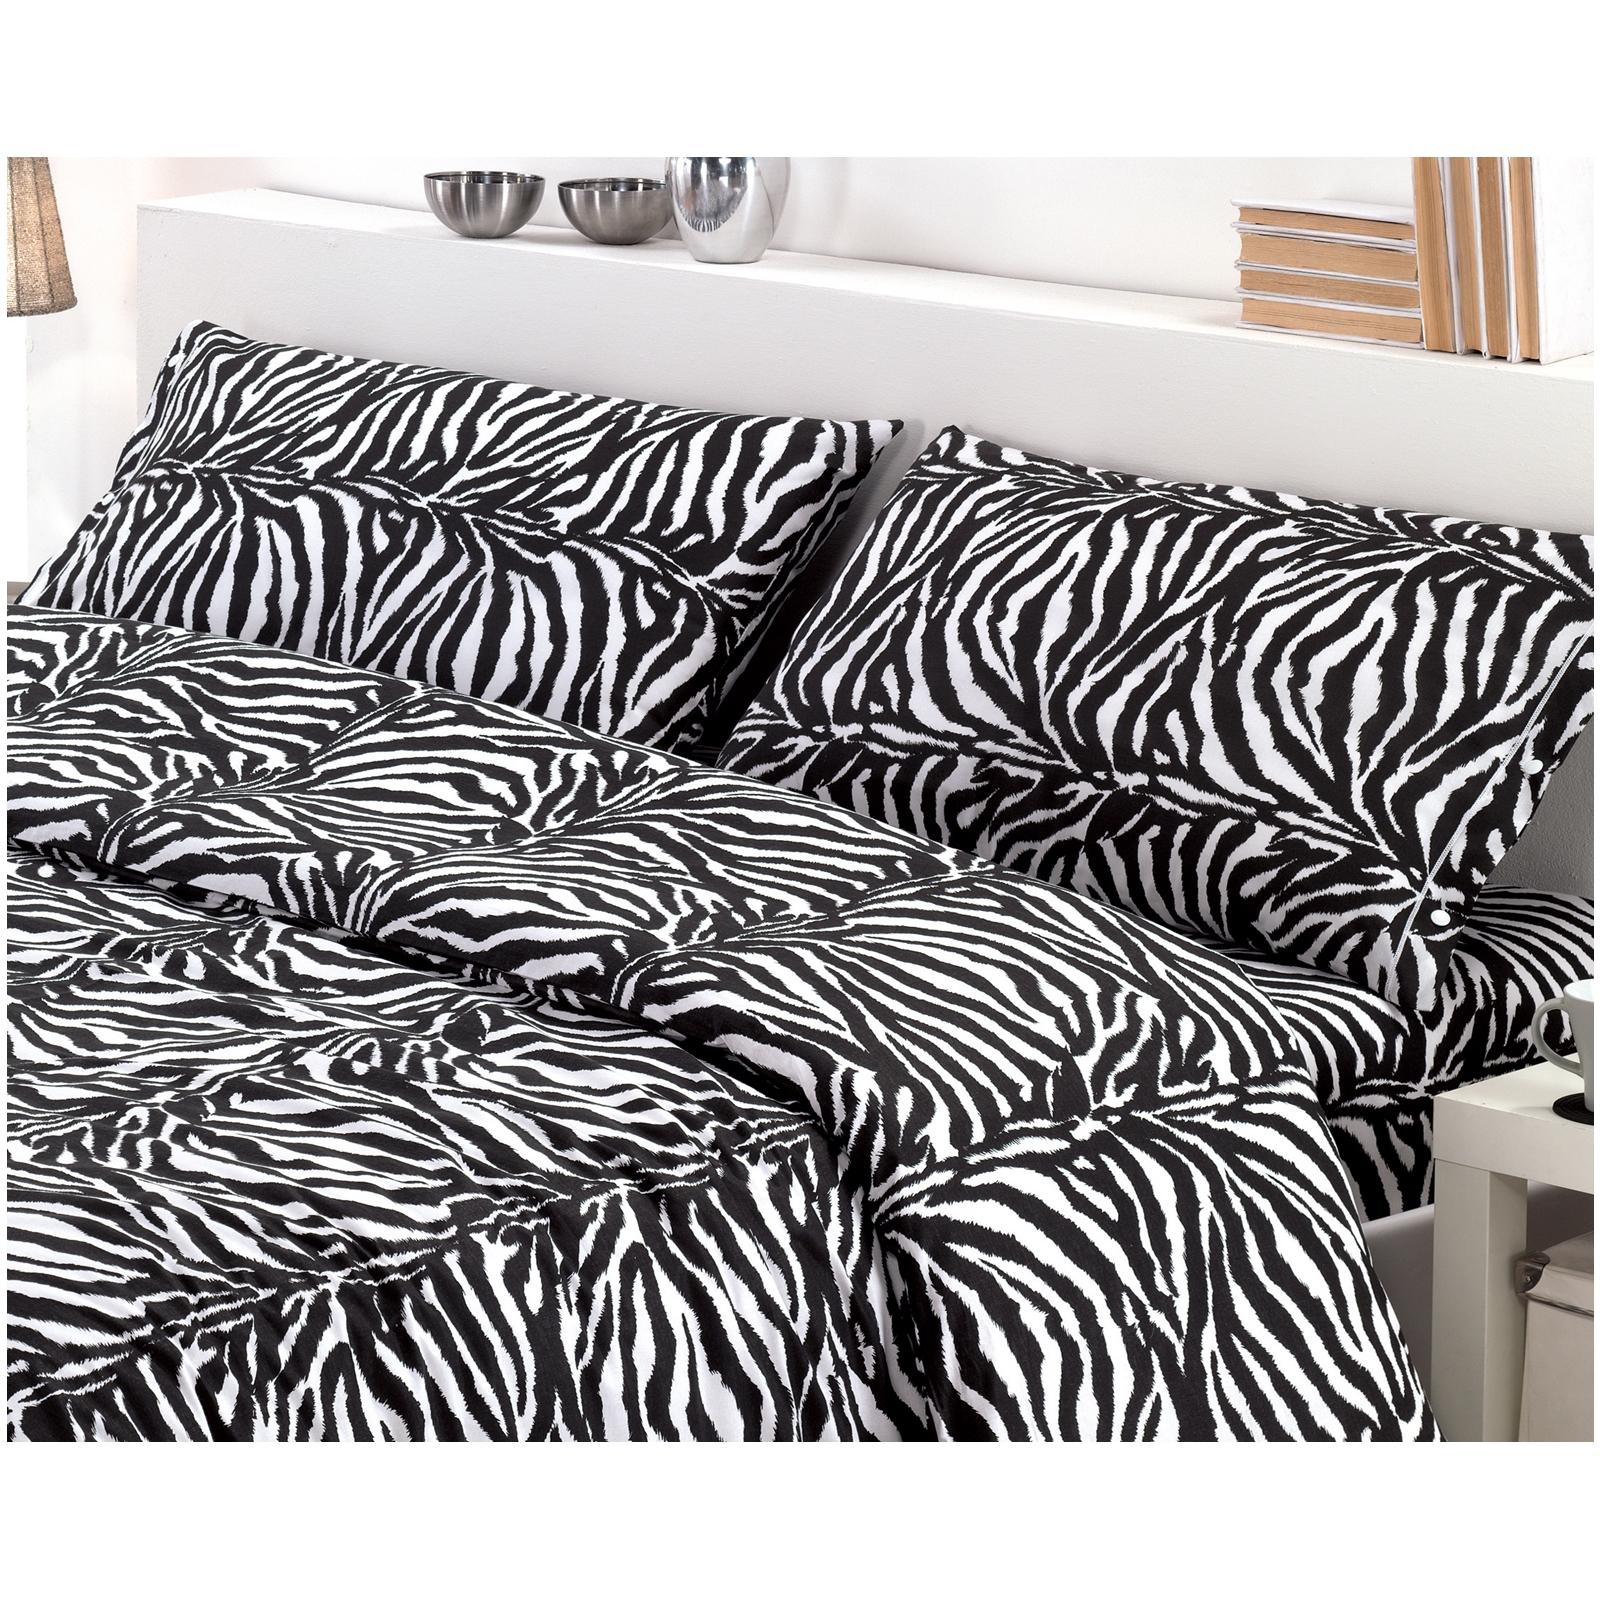 Lenzuola Copripiumino.Copripiumino In Puro Cotone Savana Zebra Cose Di Casa Un Mondo